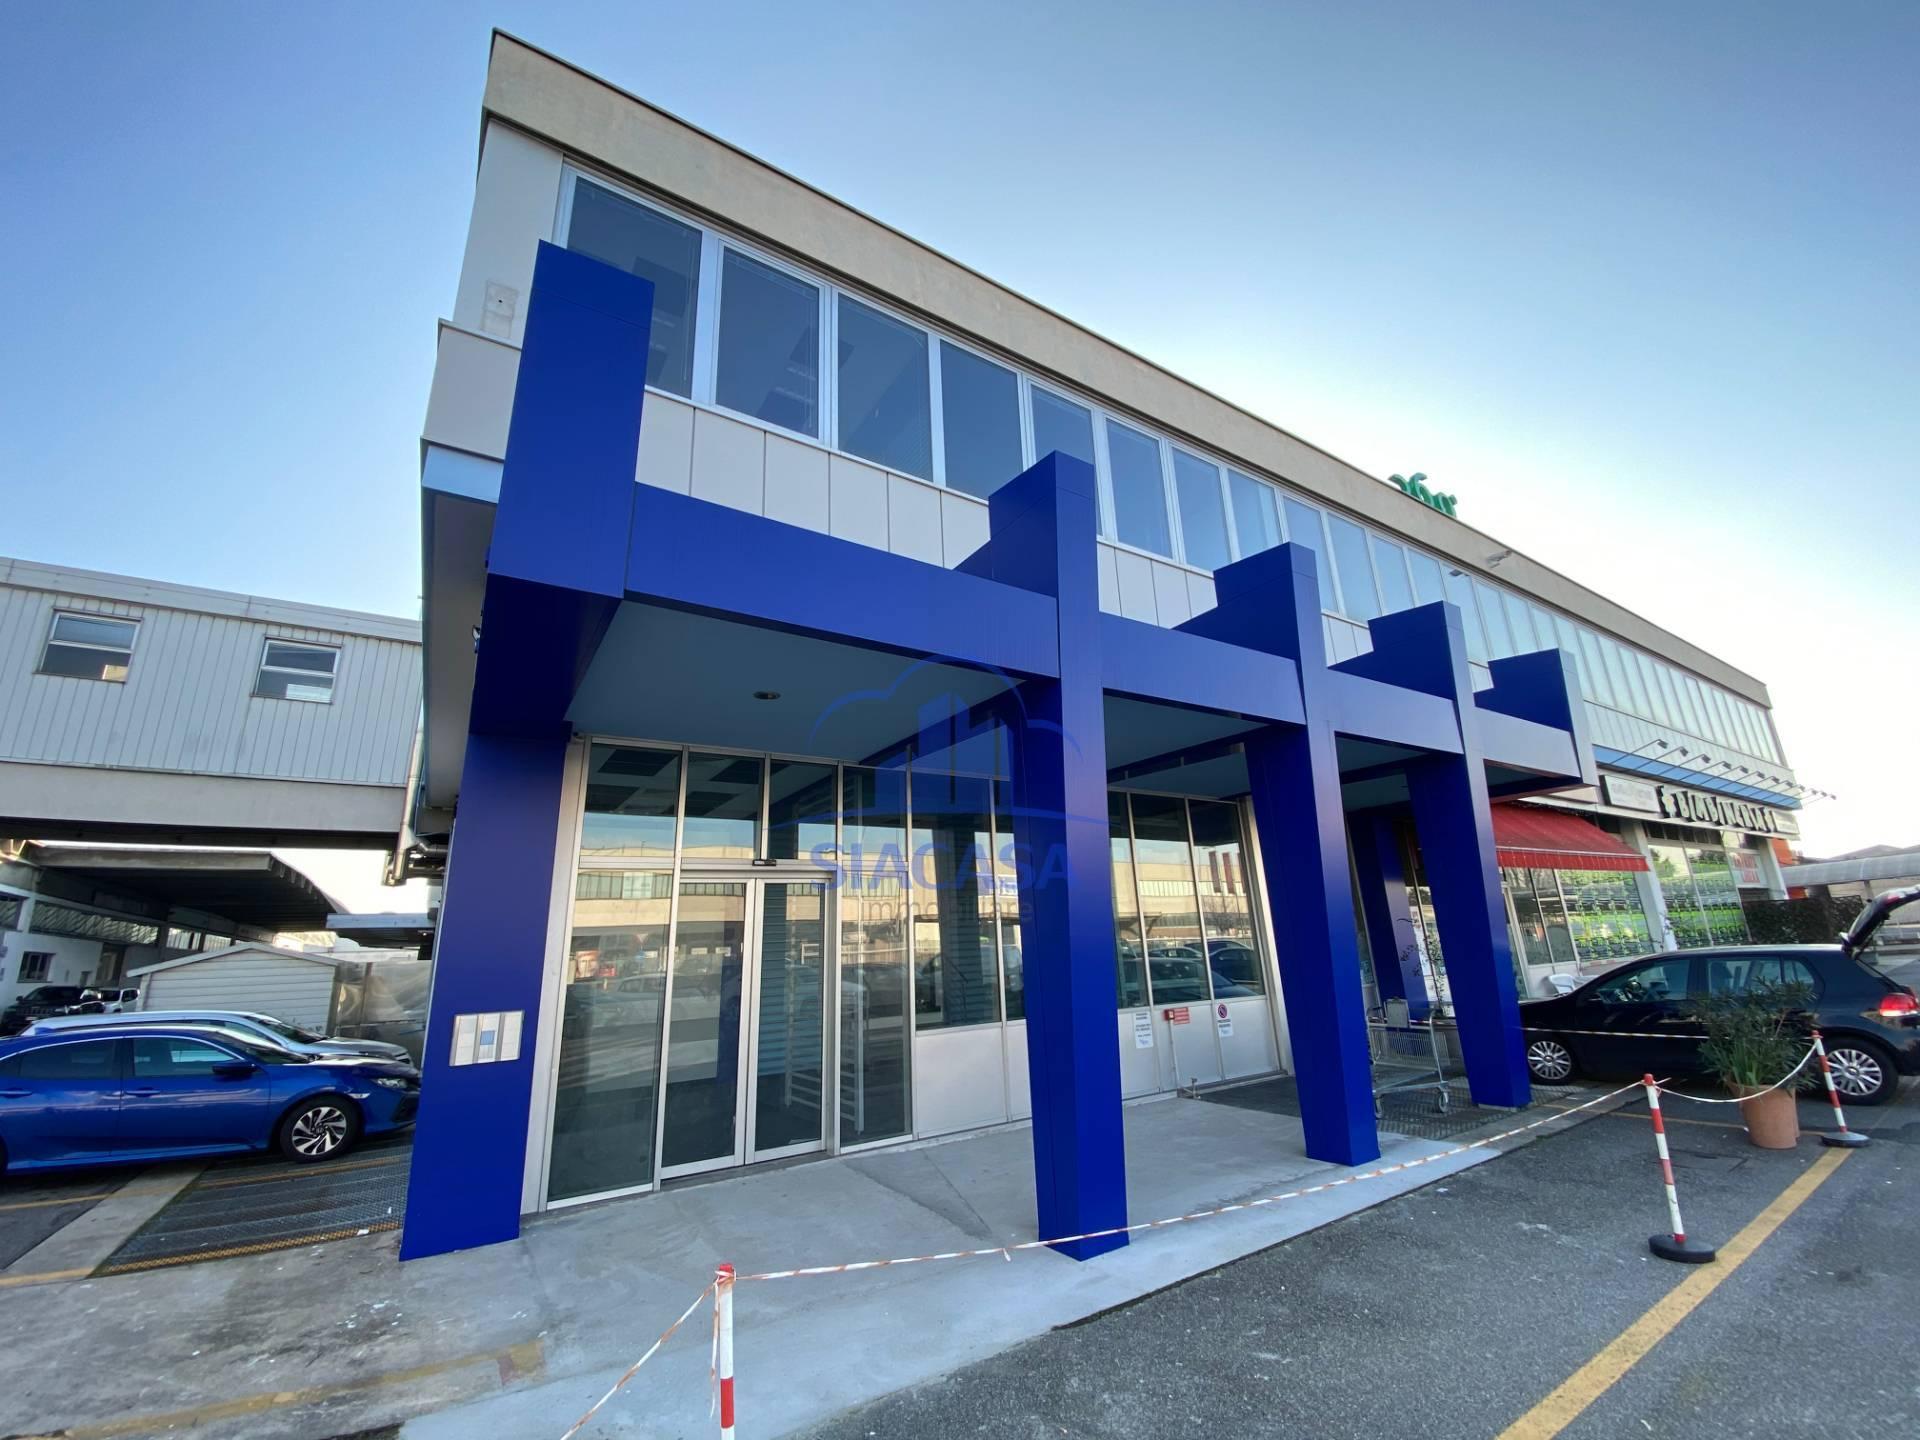 Ufficio / Studio in affitto a Cernusco sul Naviglio, 9999 locali, prezzo € 2.374 | PortaleAgenzieImmobiliari.it